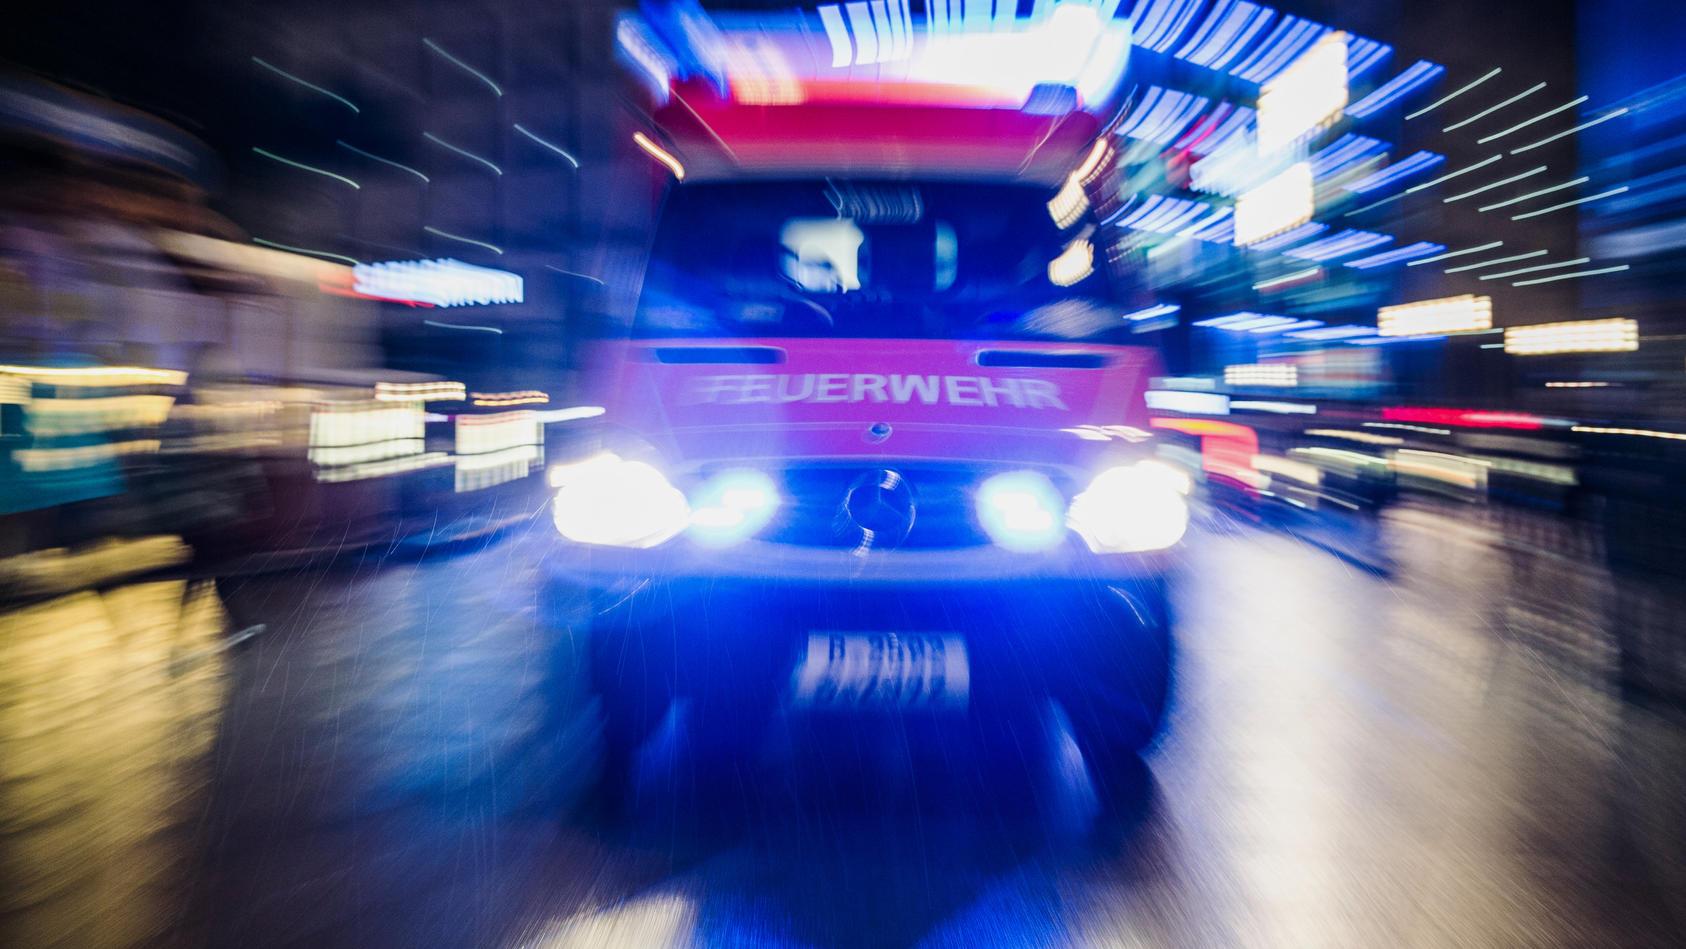 Krankenwagen der Feuerwehr, Symbolfoto.